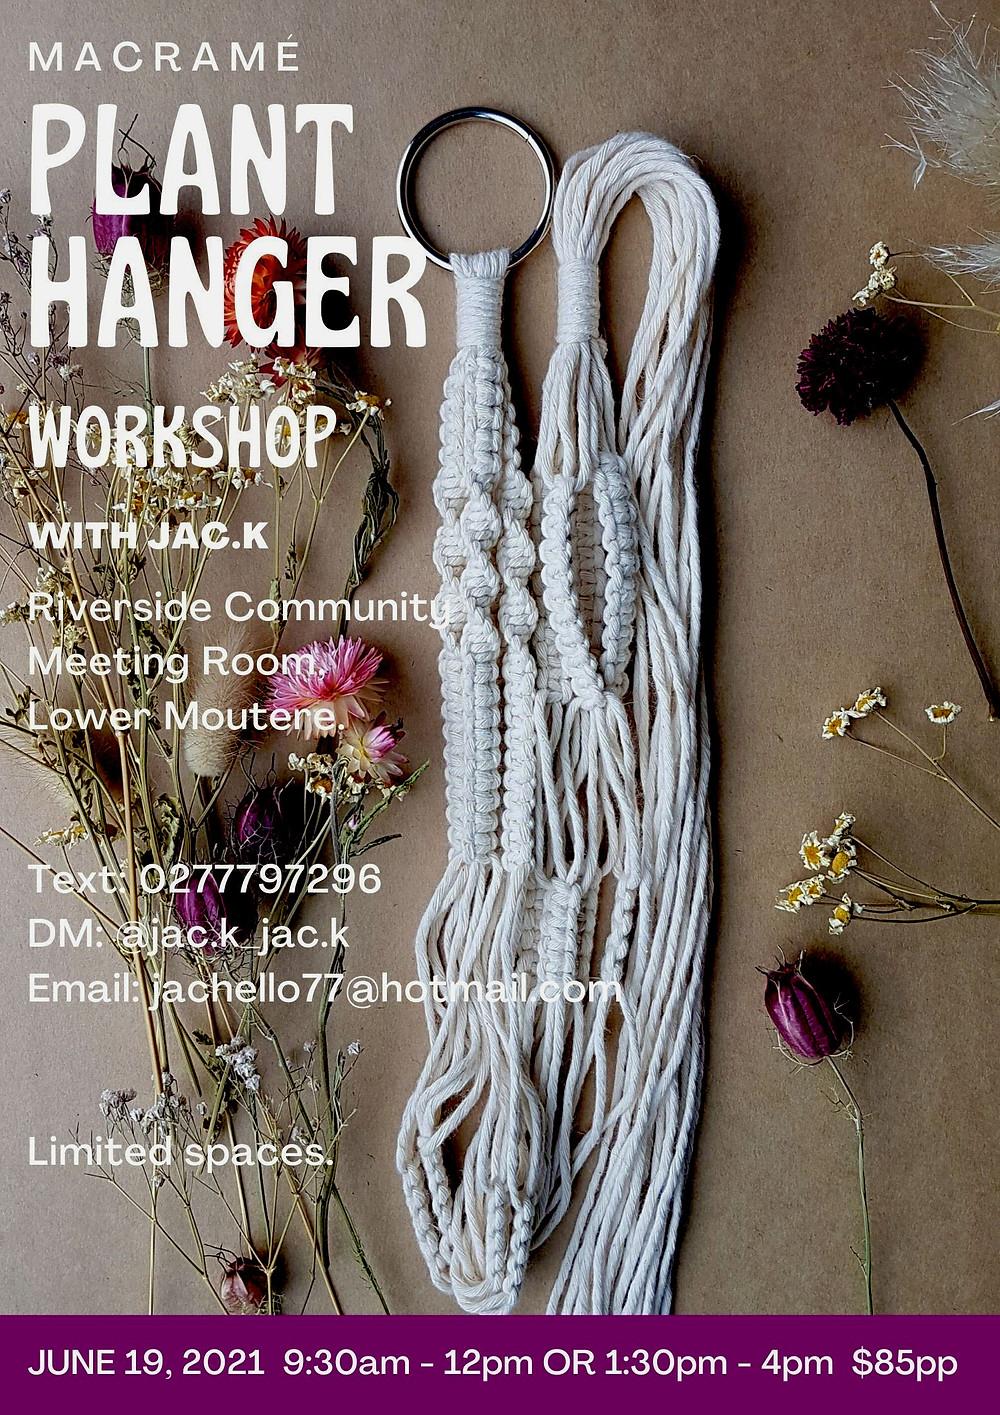 Macrame Plant Hanger Workshop Poster